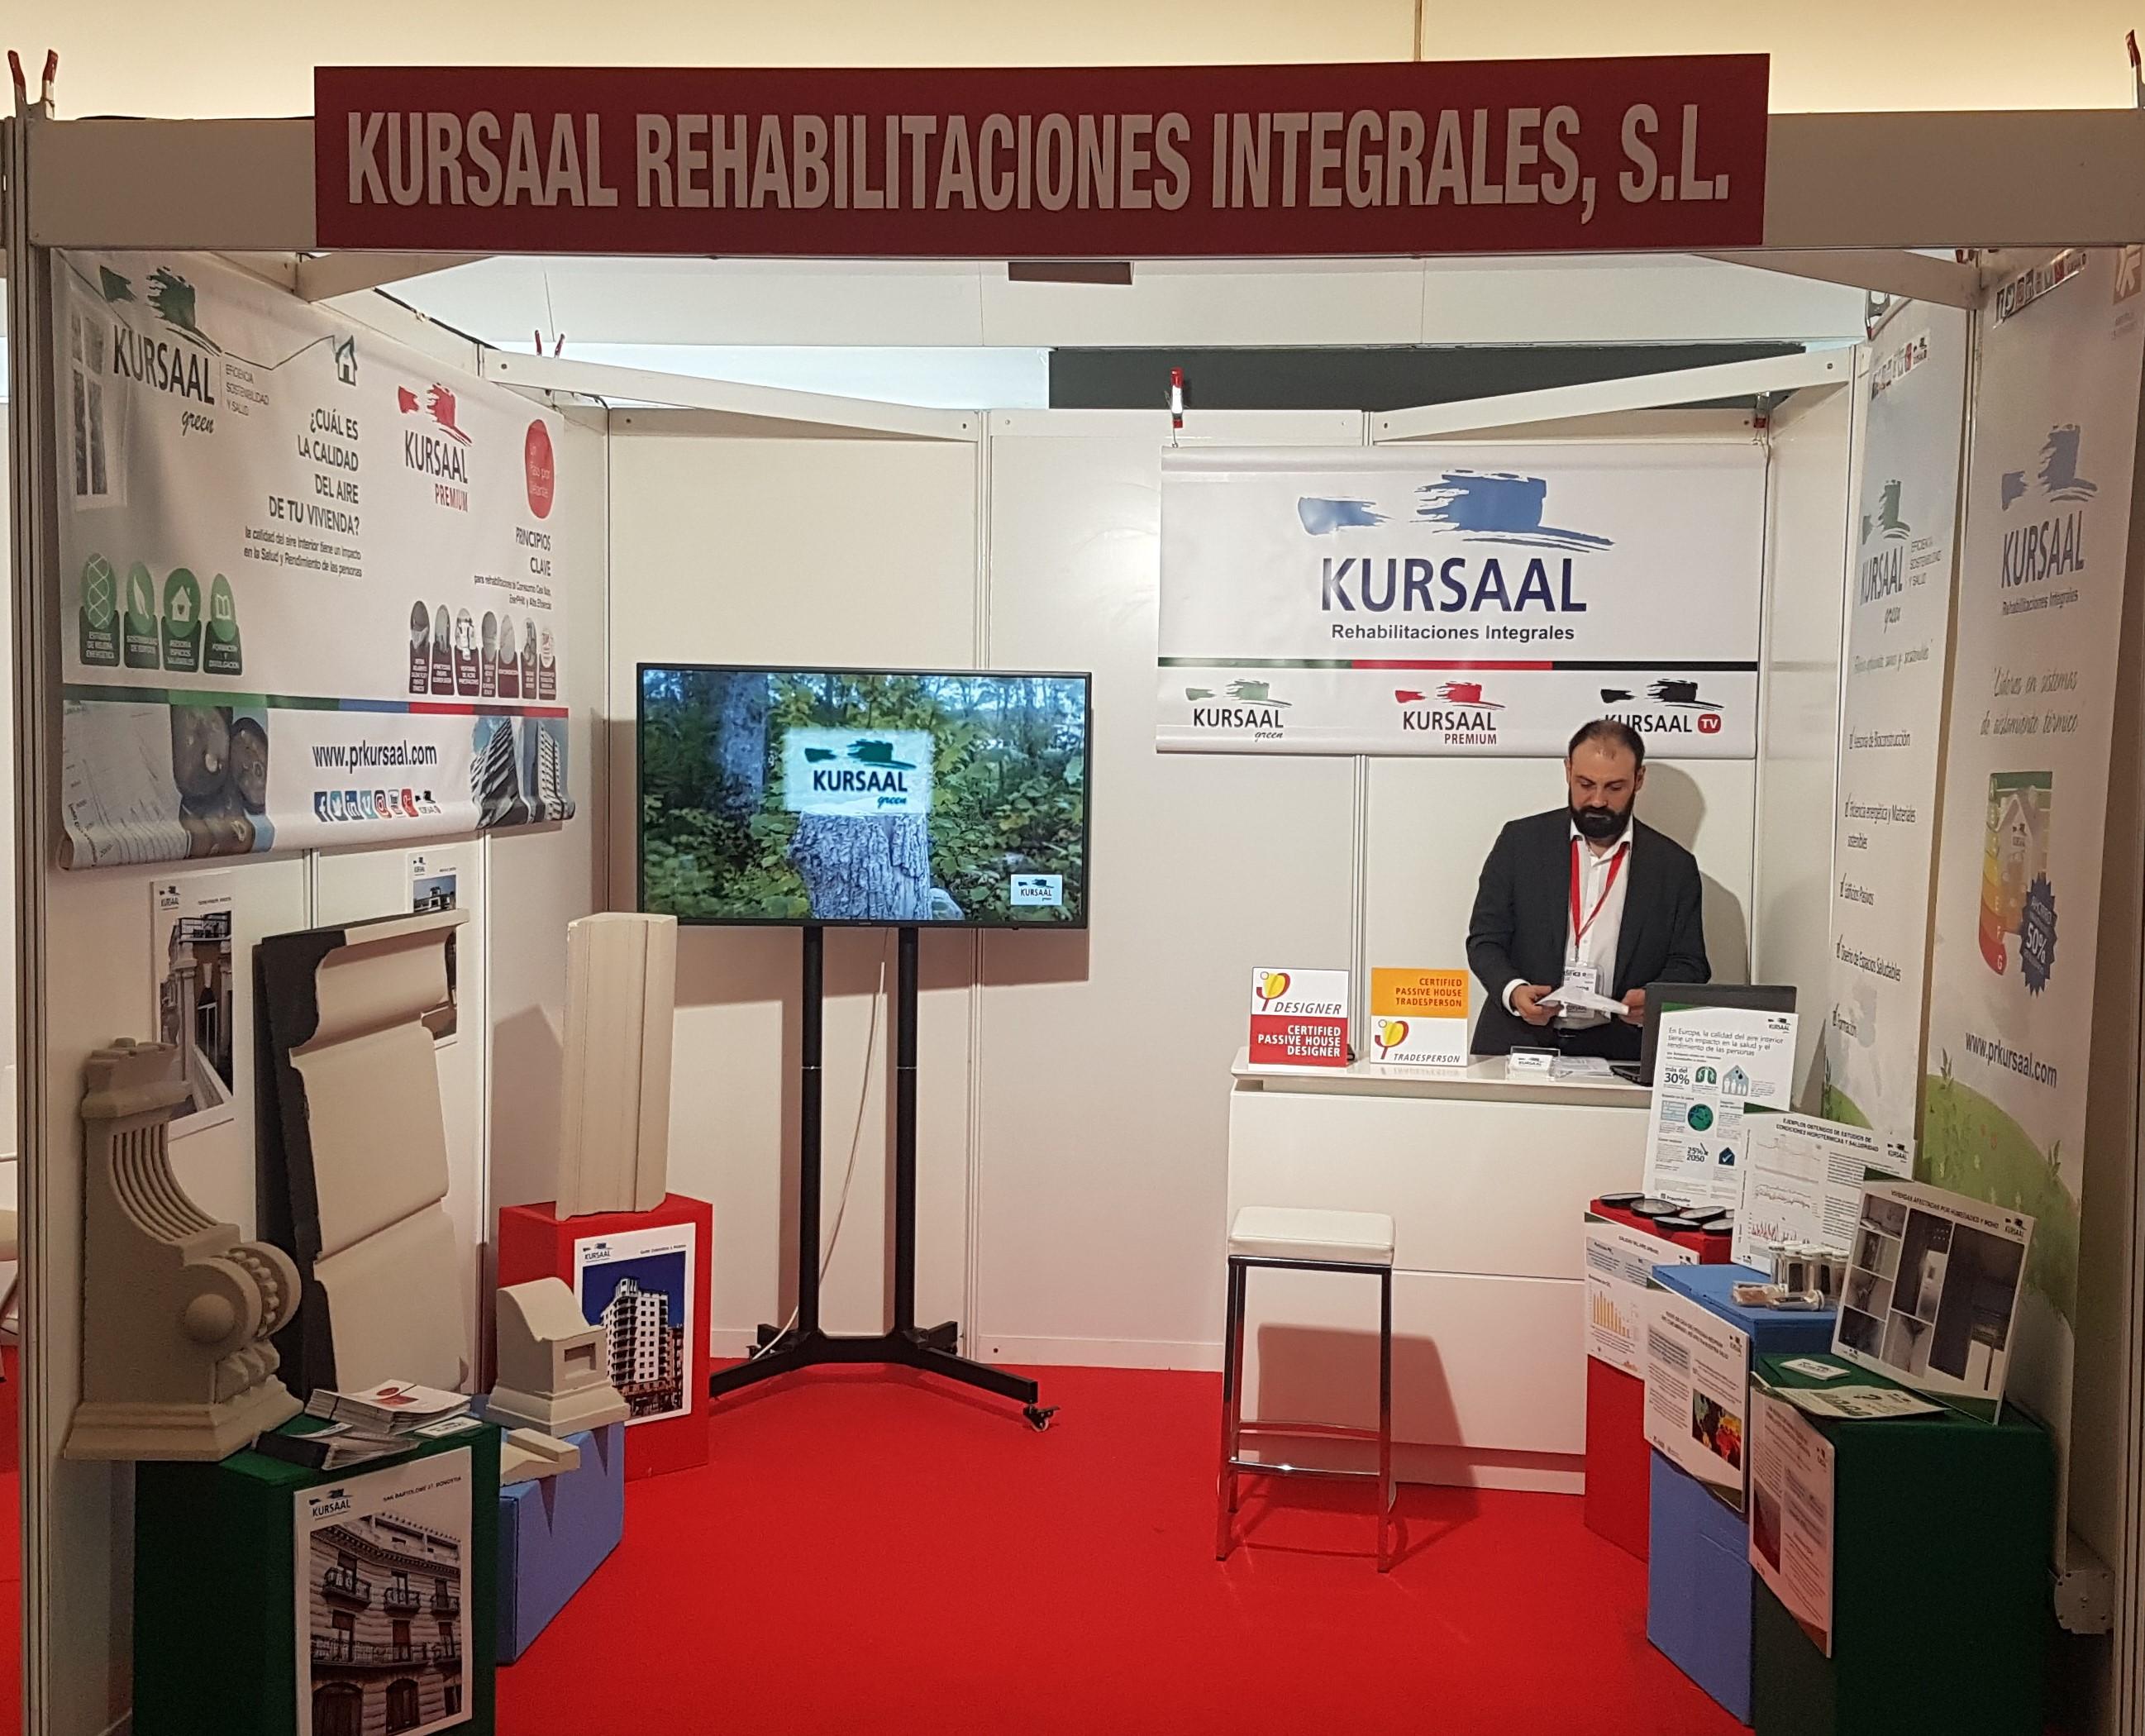 foto noticia: Kursaal participamos en la Feria ediFica celebrada el 28, 29 y 30 de junio en Pamplona